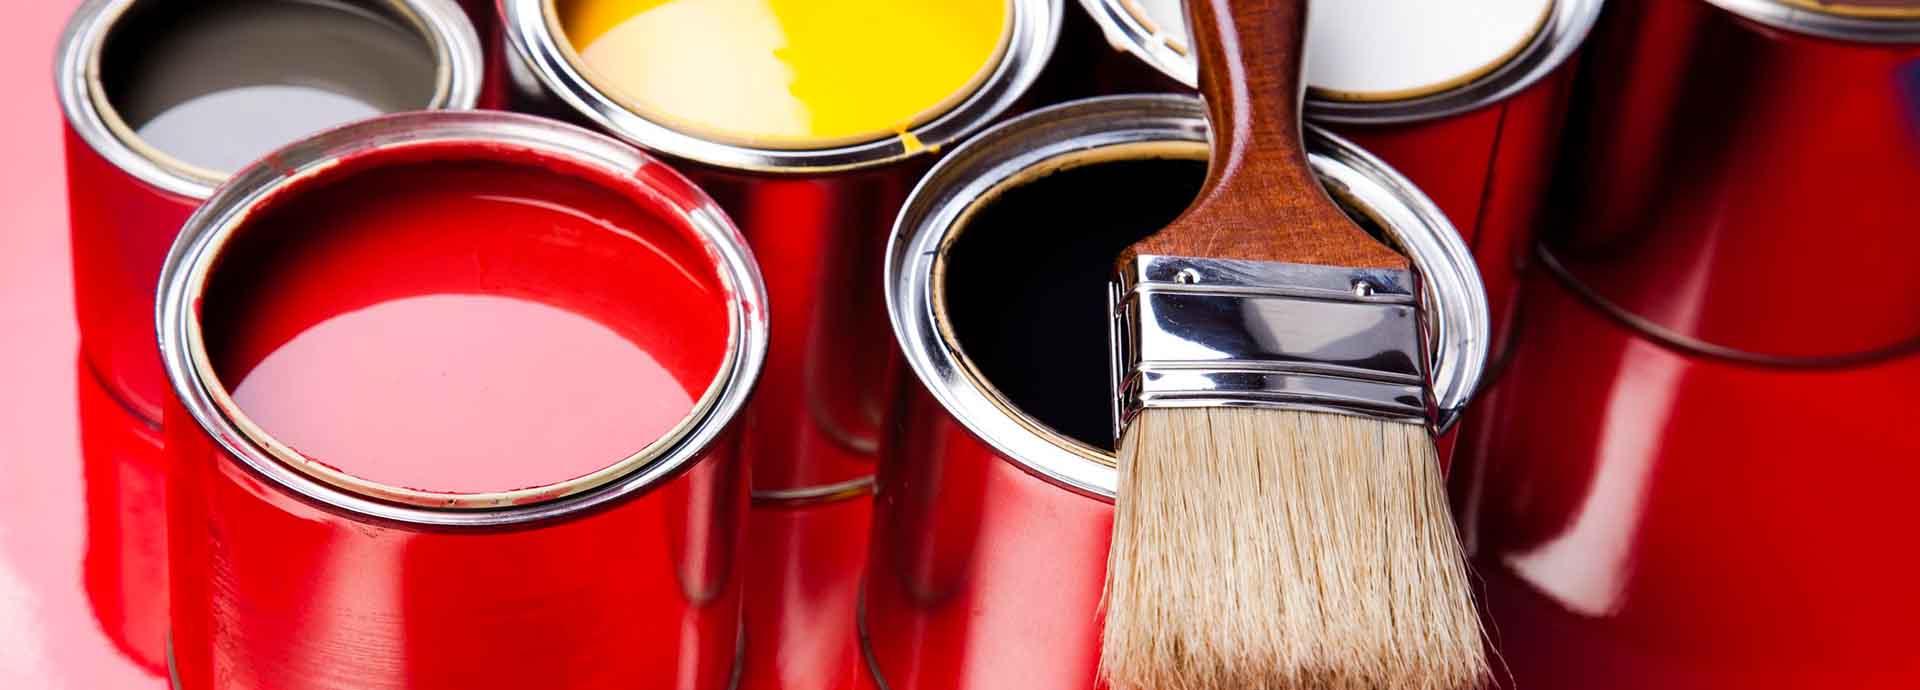 pintor_economico